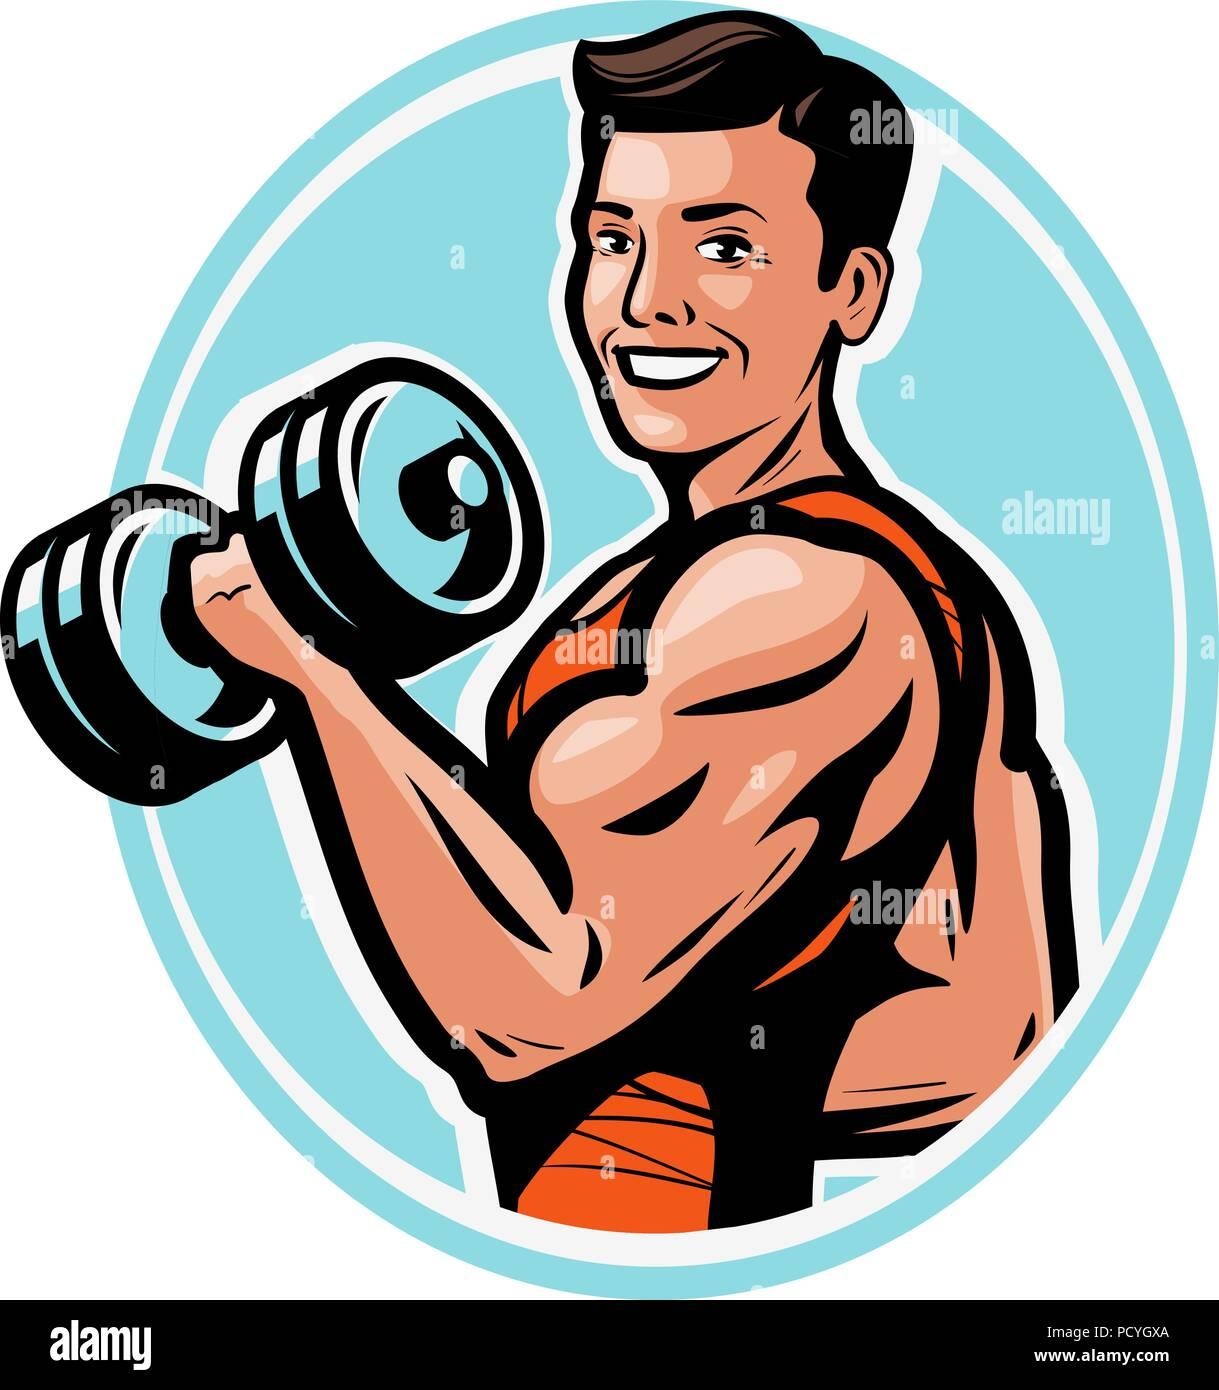 Fuerte athletic hombre levanta pesas pesadas con sus manos. Gimnasio,body-building concept. ilustración vectorial Imagen De Stock